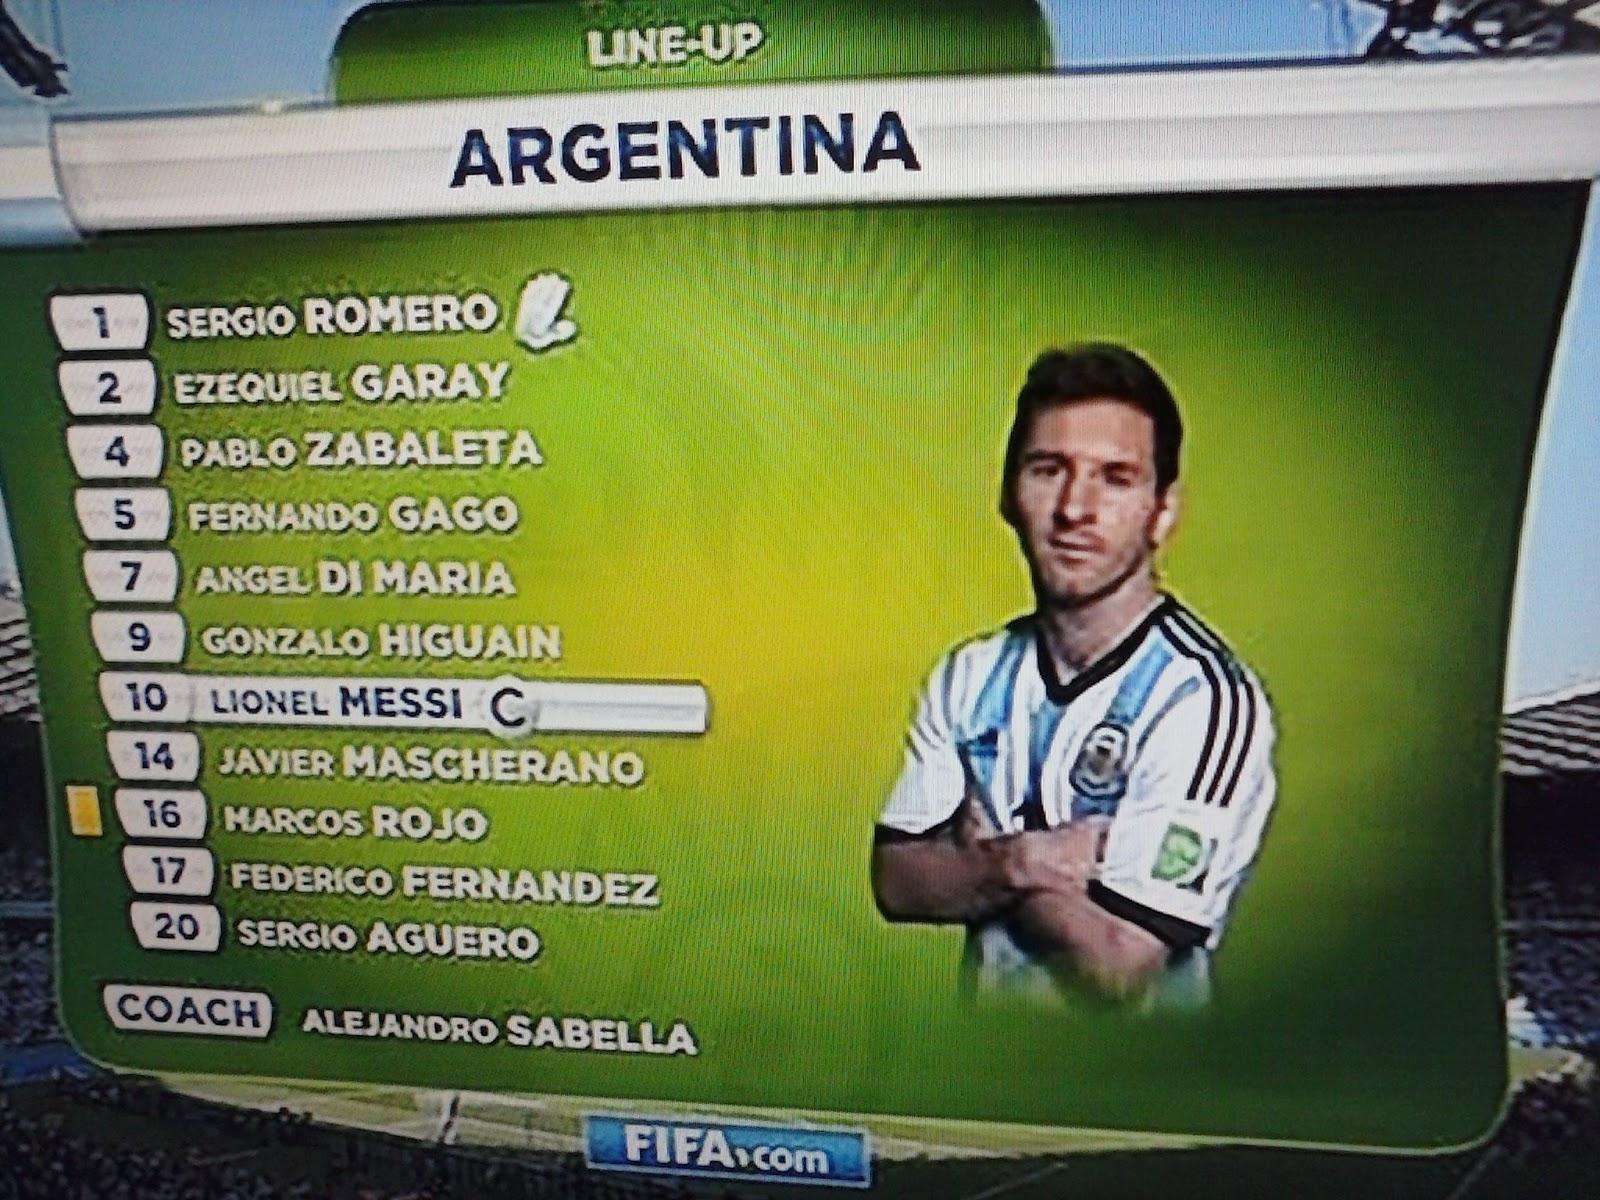 7b2afe72a8a06 Olhos Estranhos  Messi salva a Argentina  Gana e Alemanha empatam ...